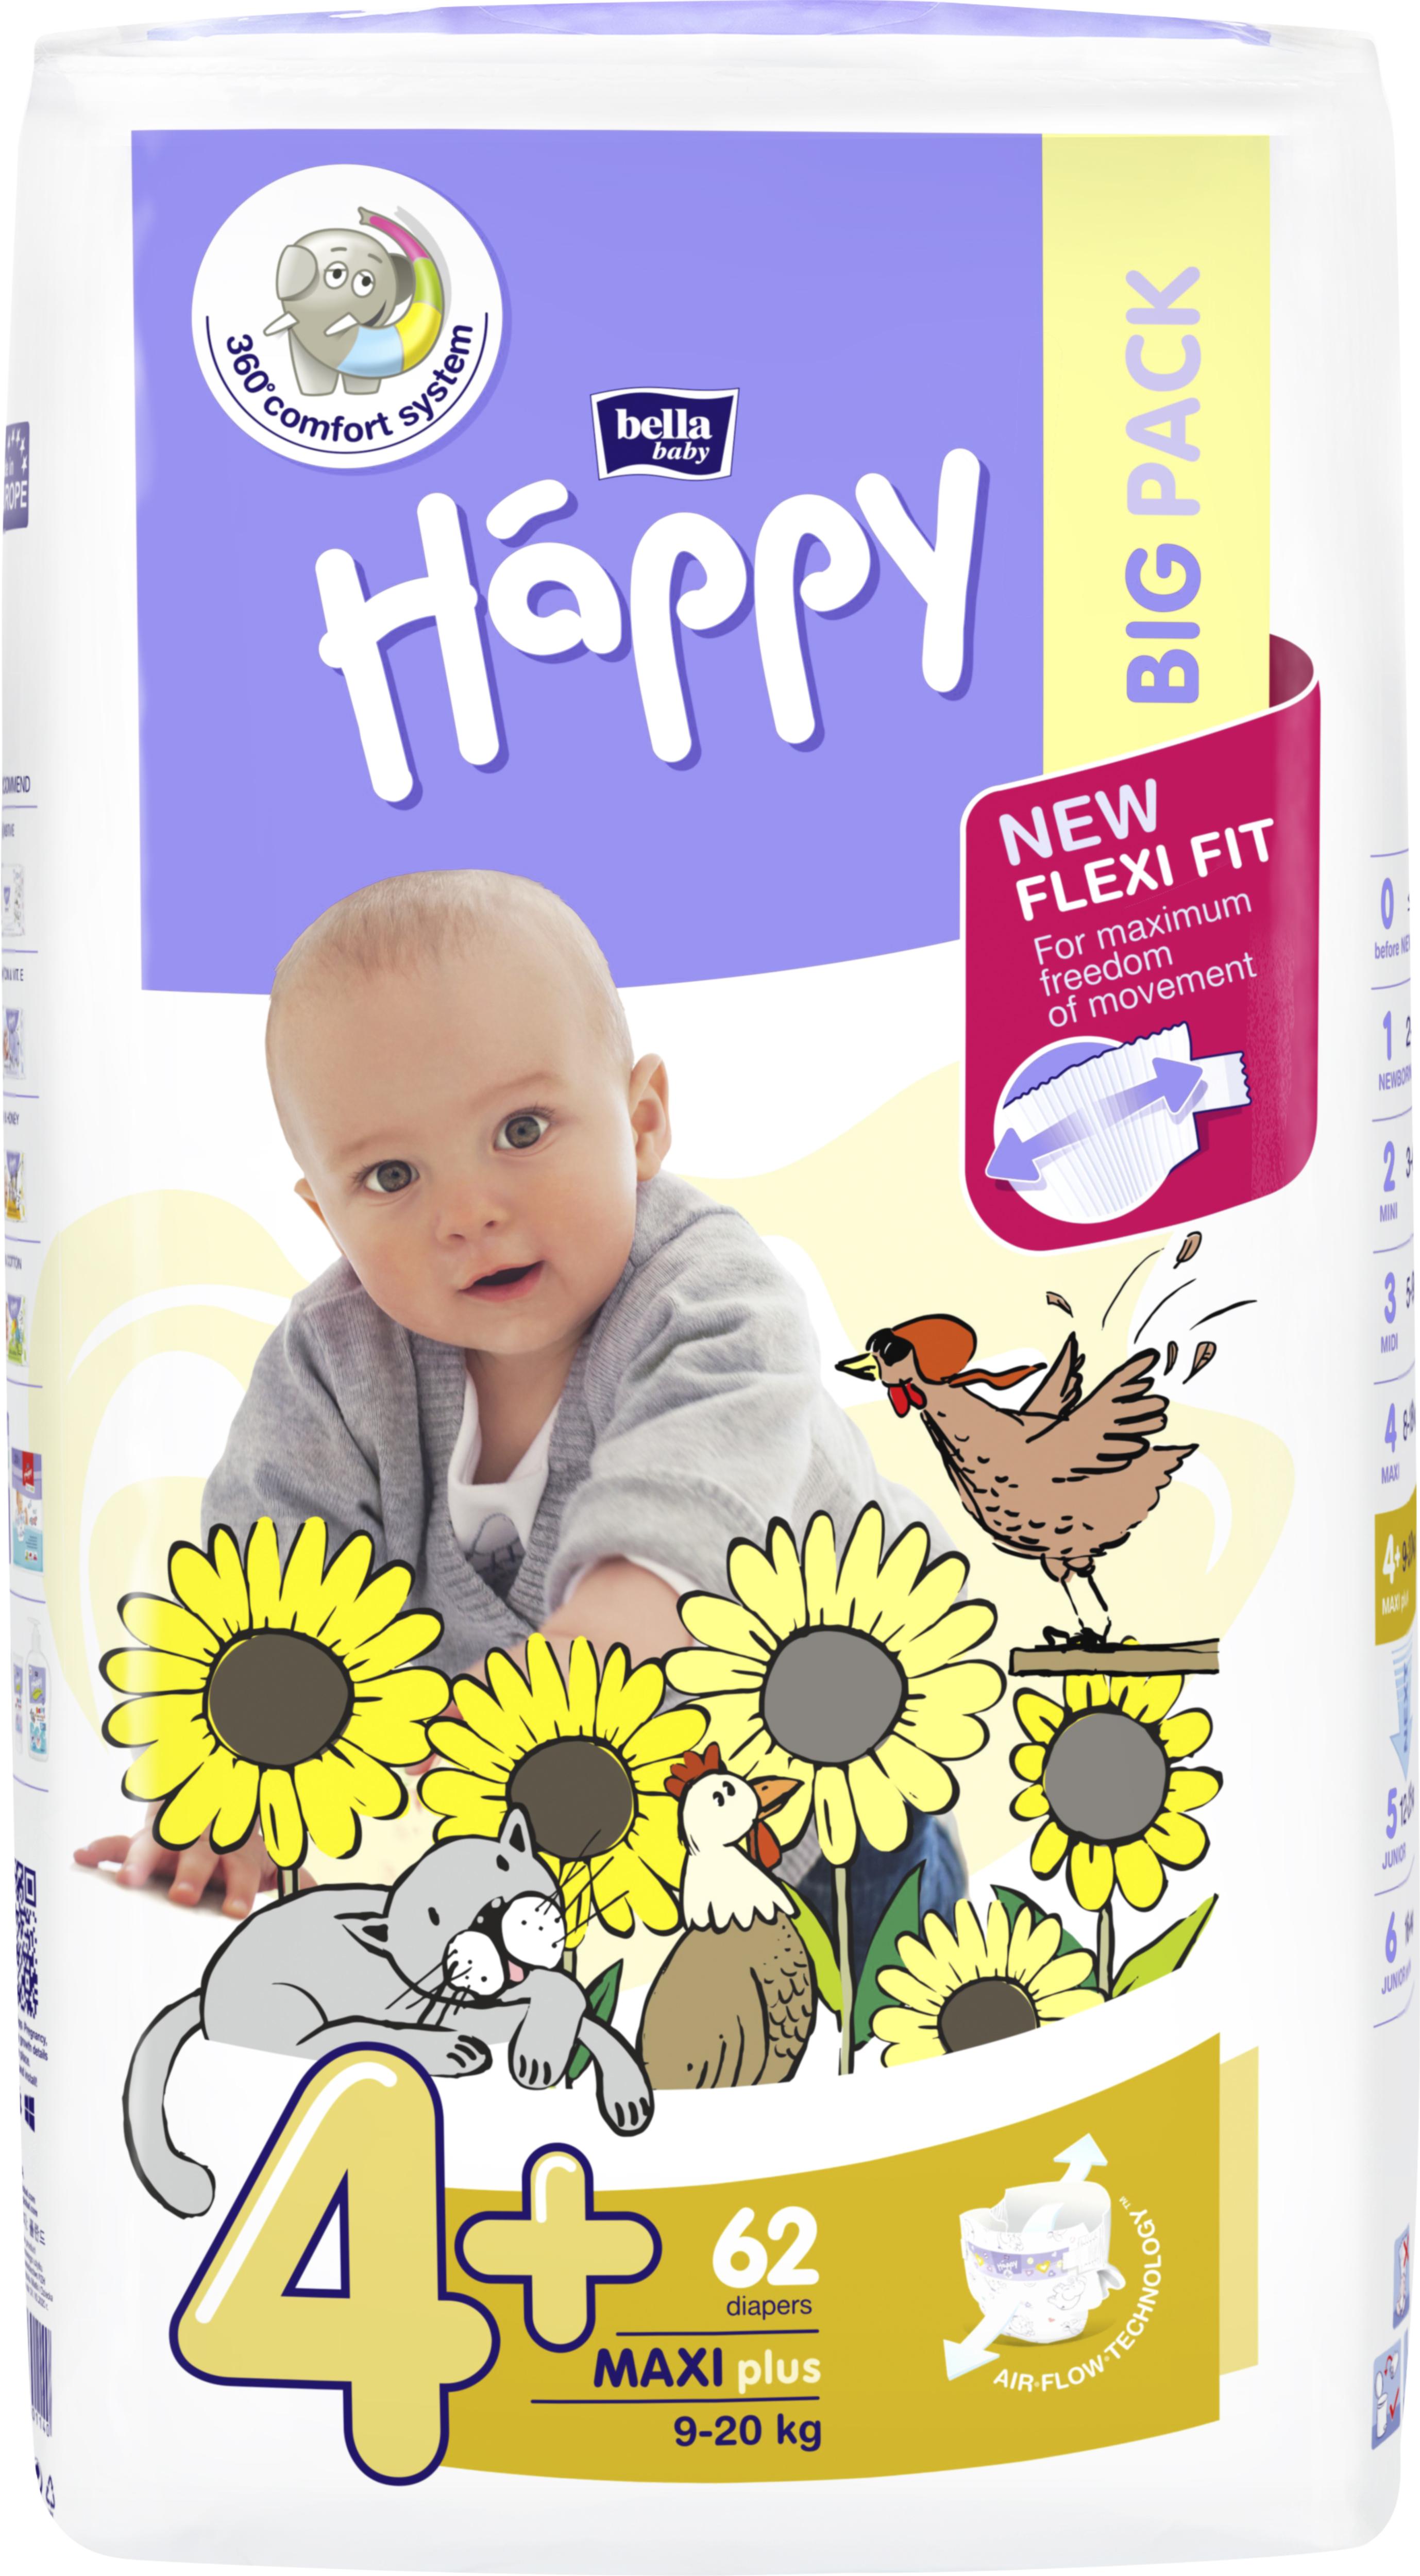 Scutece Happy 4+ Big Pack Maxi Plus 9-20 kg 62 buc. [0]